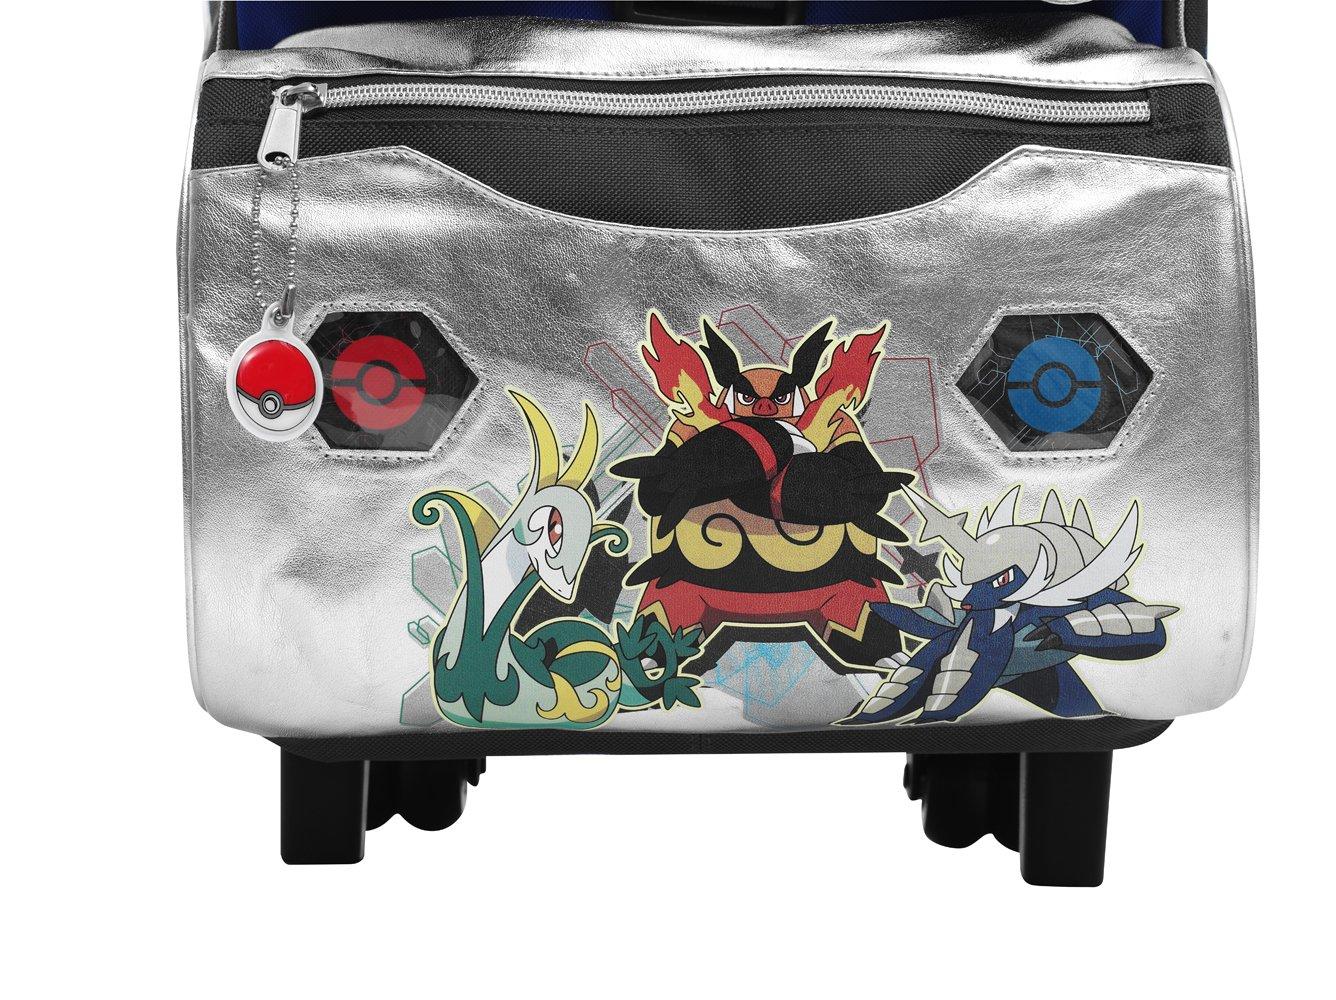 Auguri preziosi pokemon zaino zaino zaino scuola con ruote